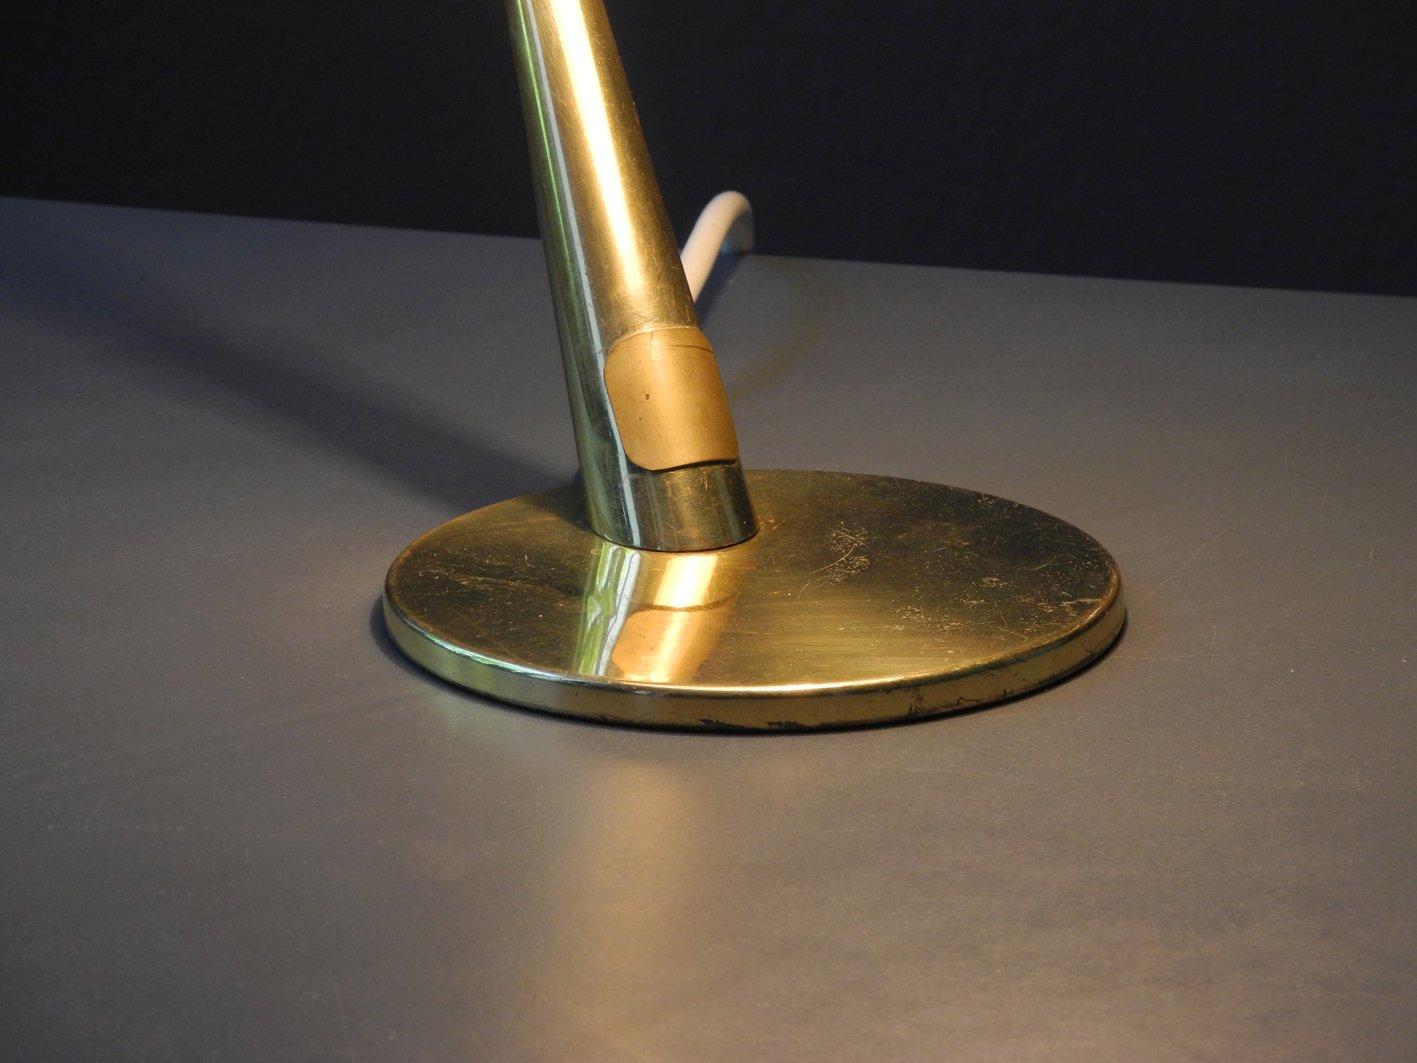 lampe de bureau en laiton de kaiser idell 1950s en vente sur pamono. Black Bedroom Furniture Sets. Home Design Ideas